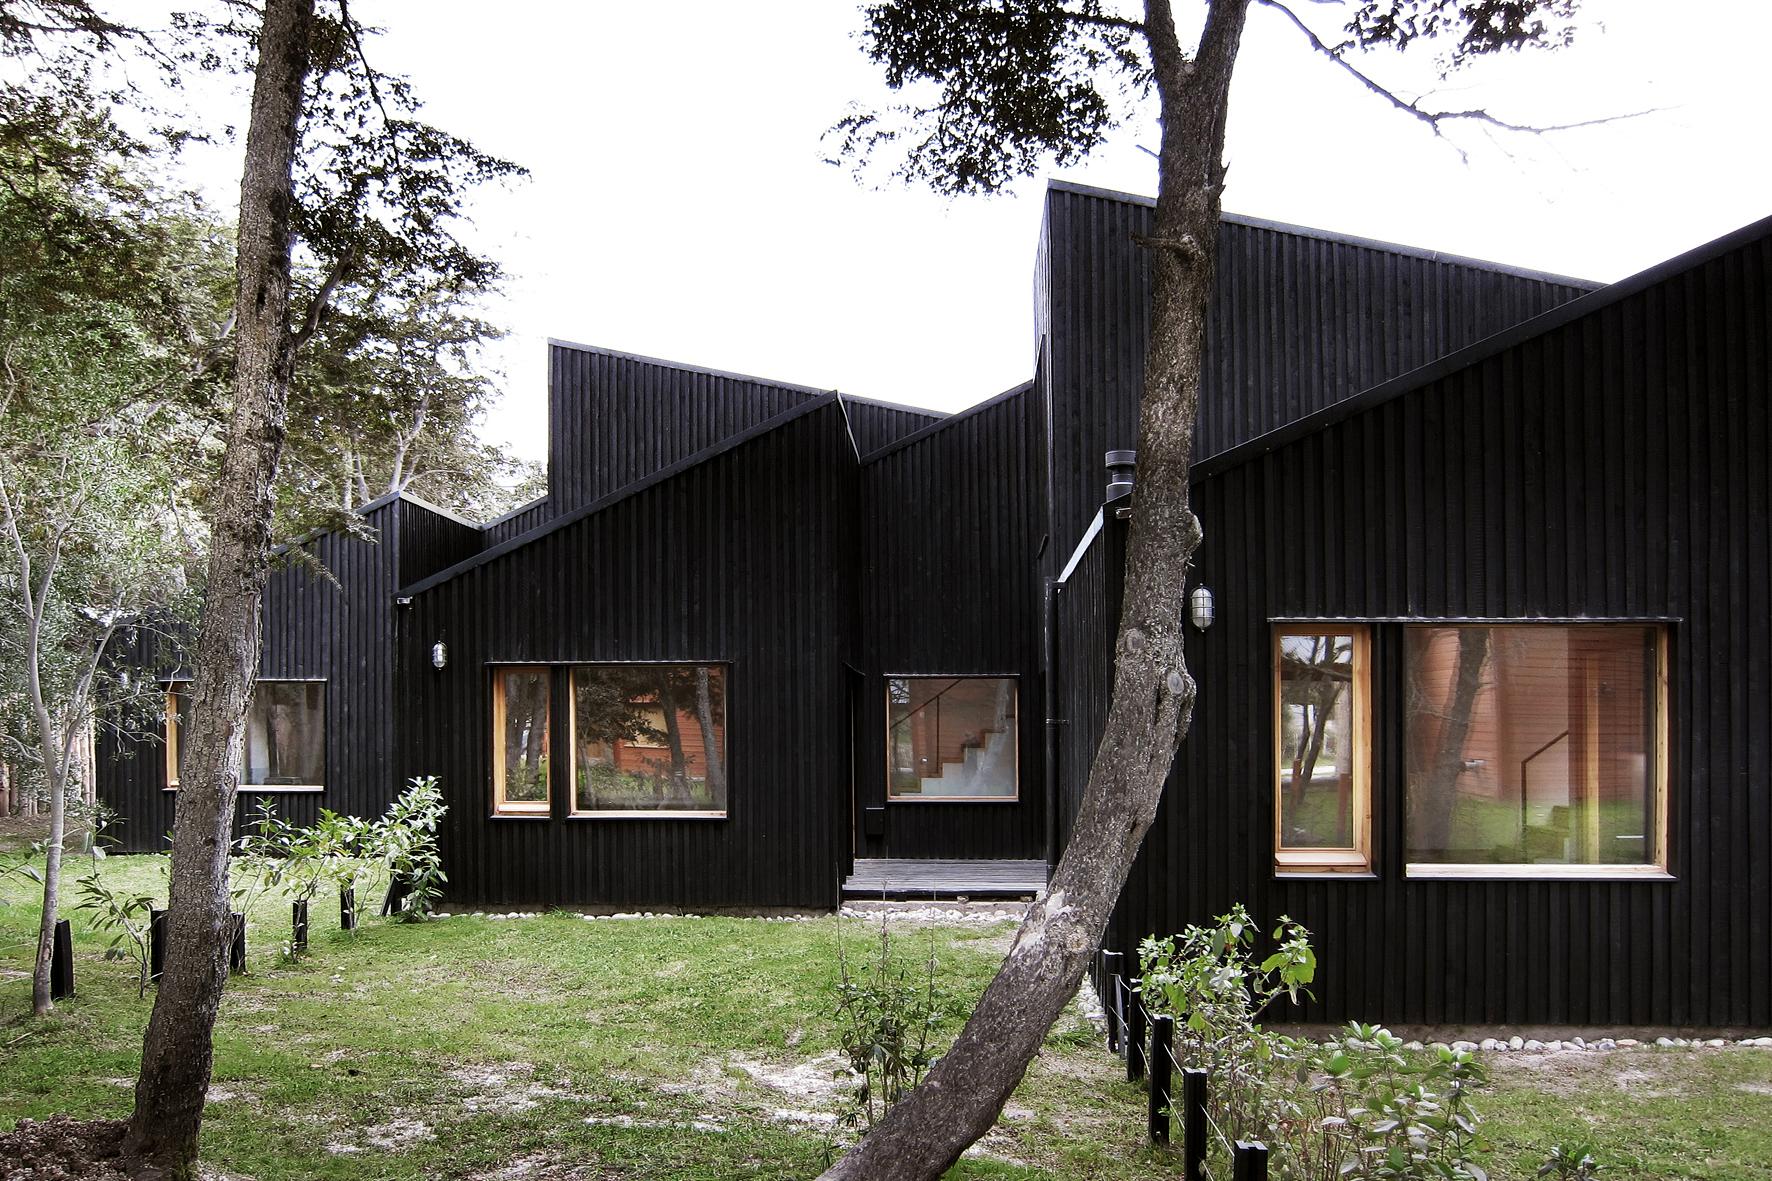 Casas CLF / Estudio BaBO, Cortesia de Estudio BaBO